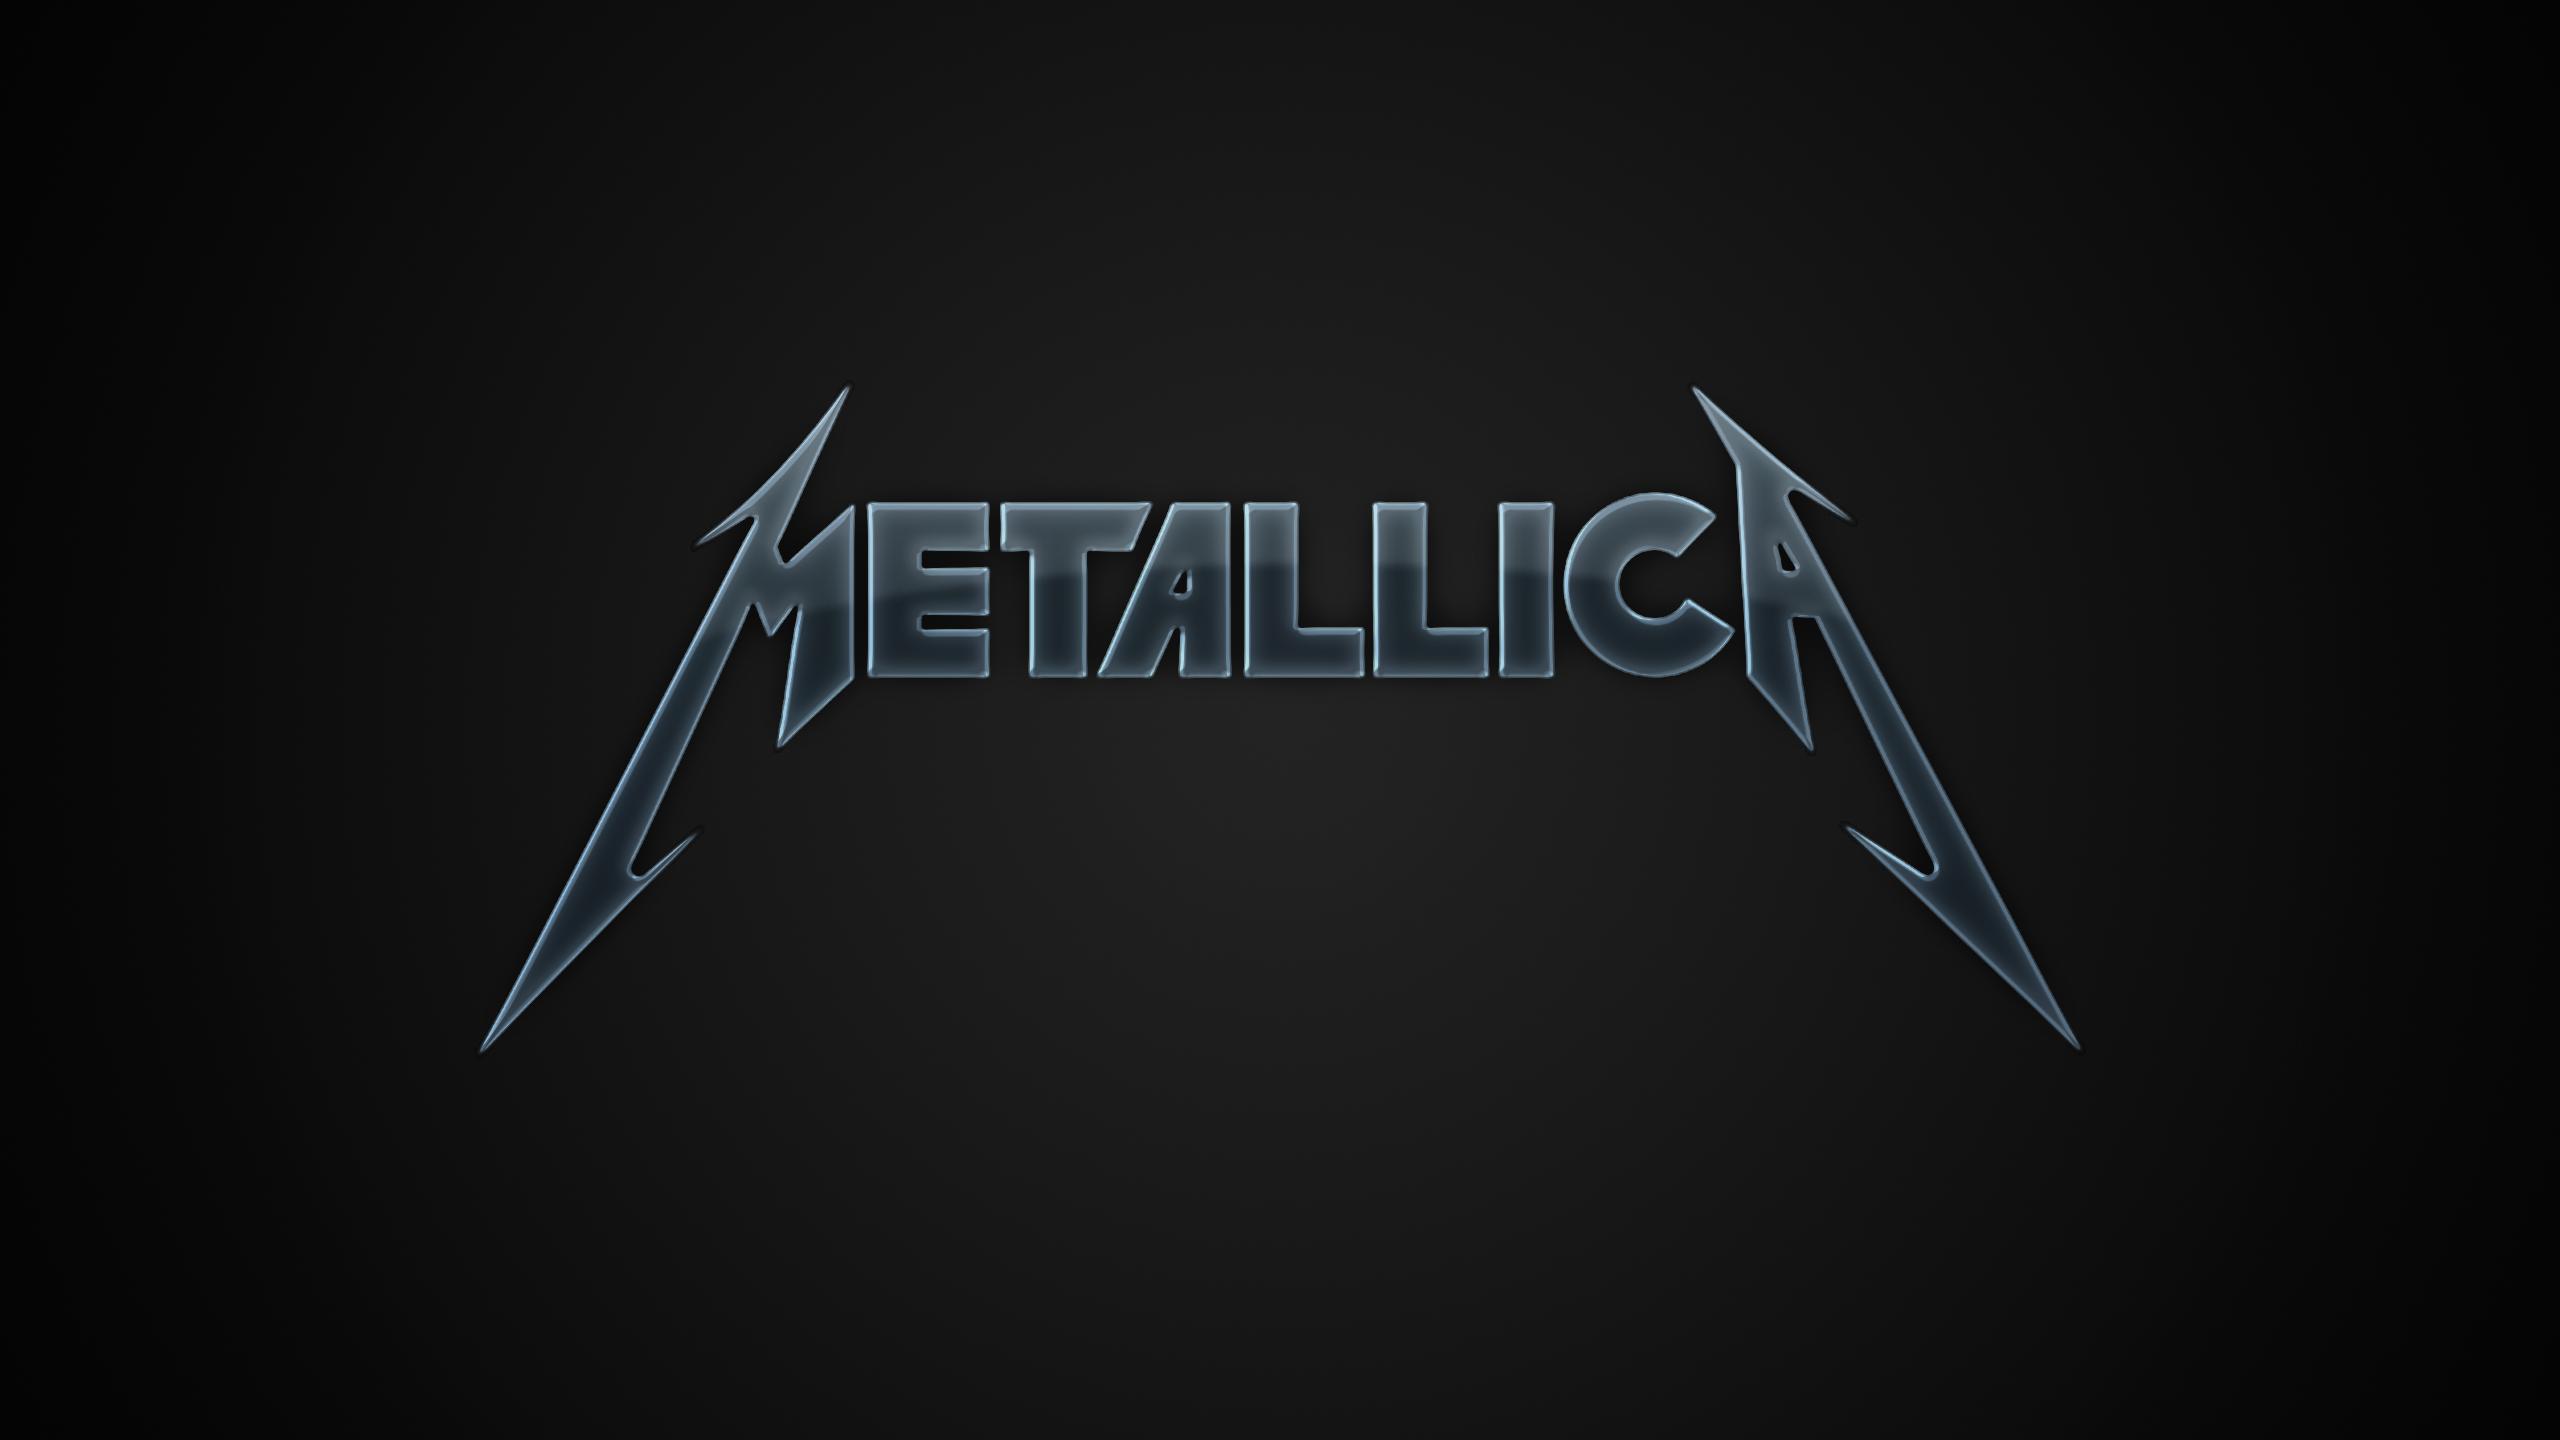 Metallica wallpaper by Kwinten on deviantART 2560x1440